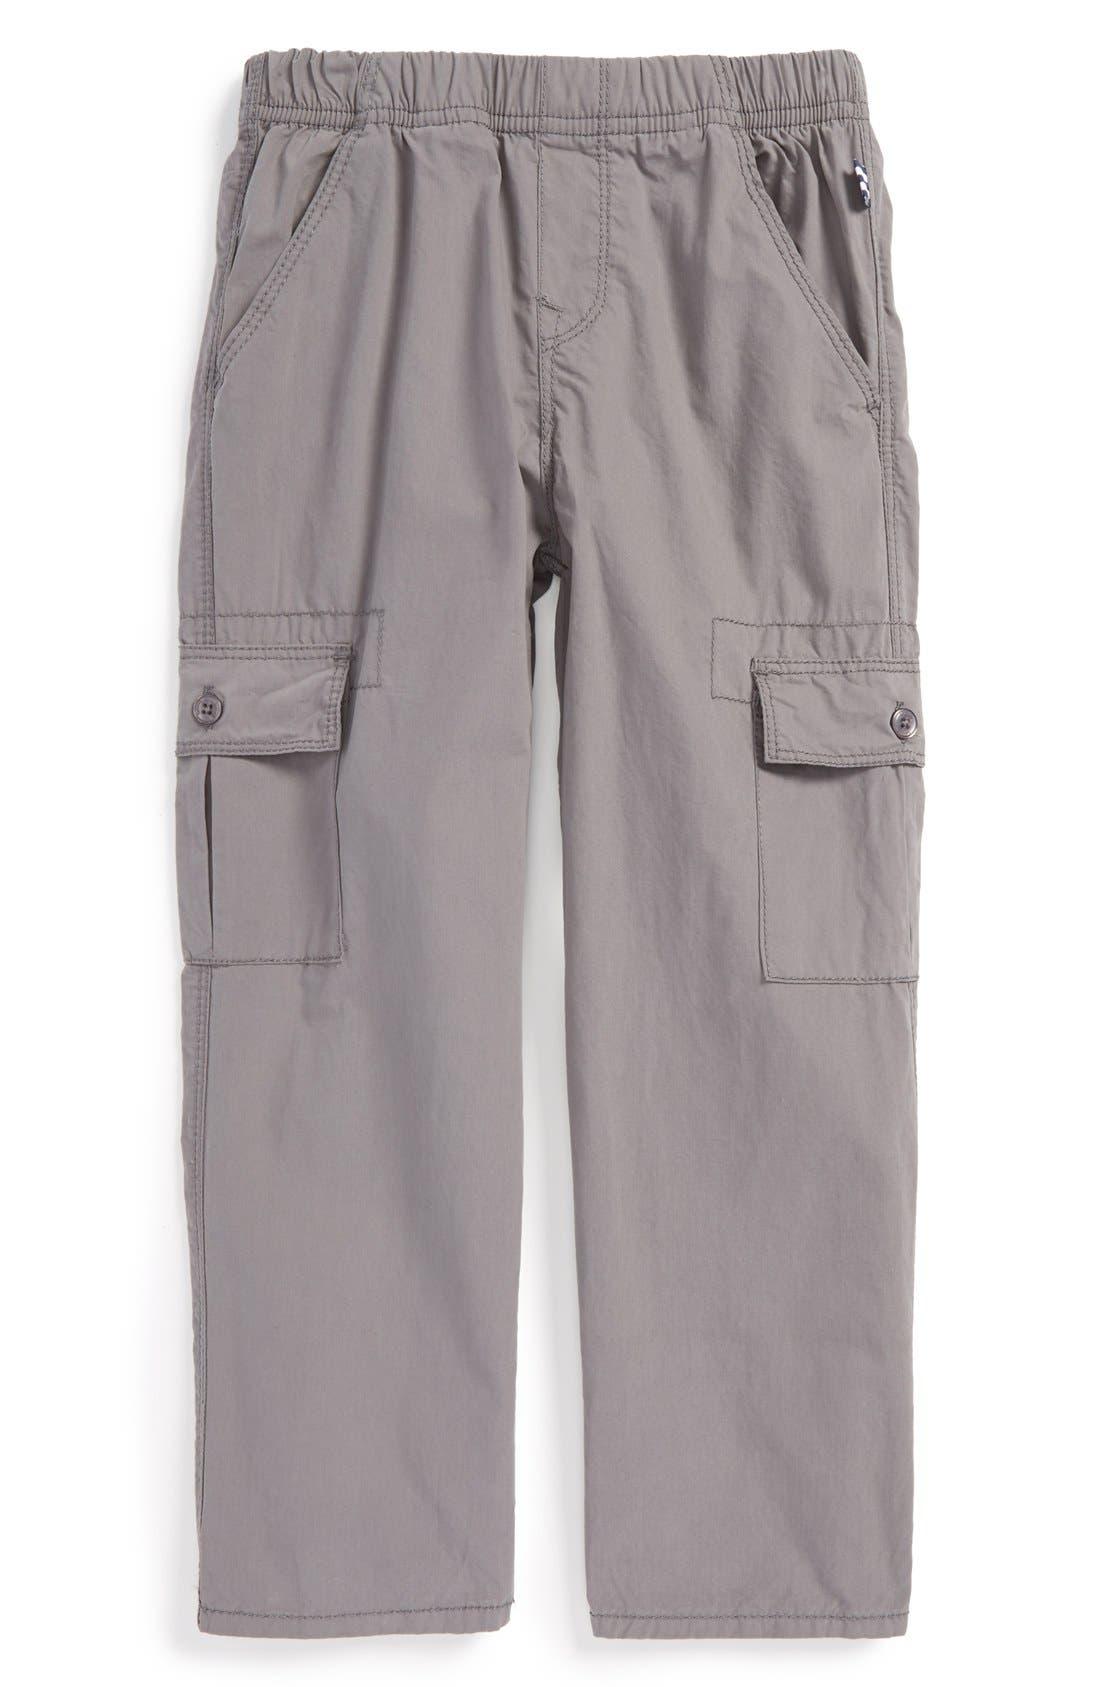 Alternate Image 1 Selected - Splendid Cargo Pants (Toddler Boys & Little Boys)